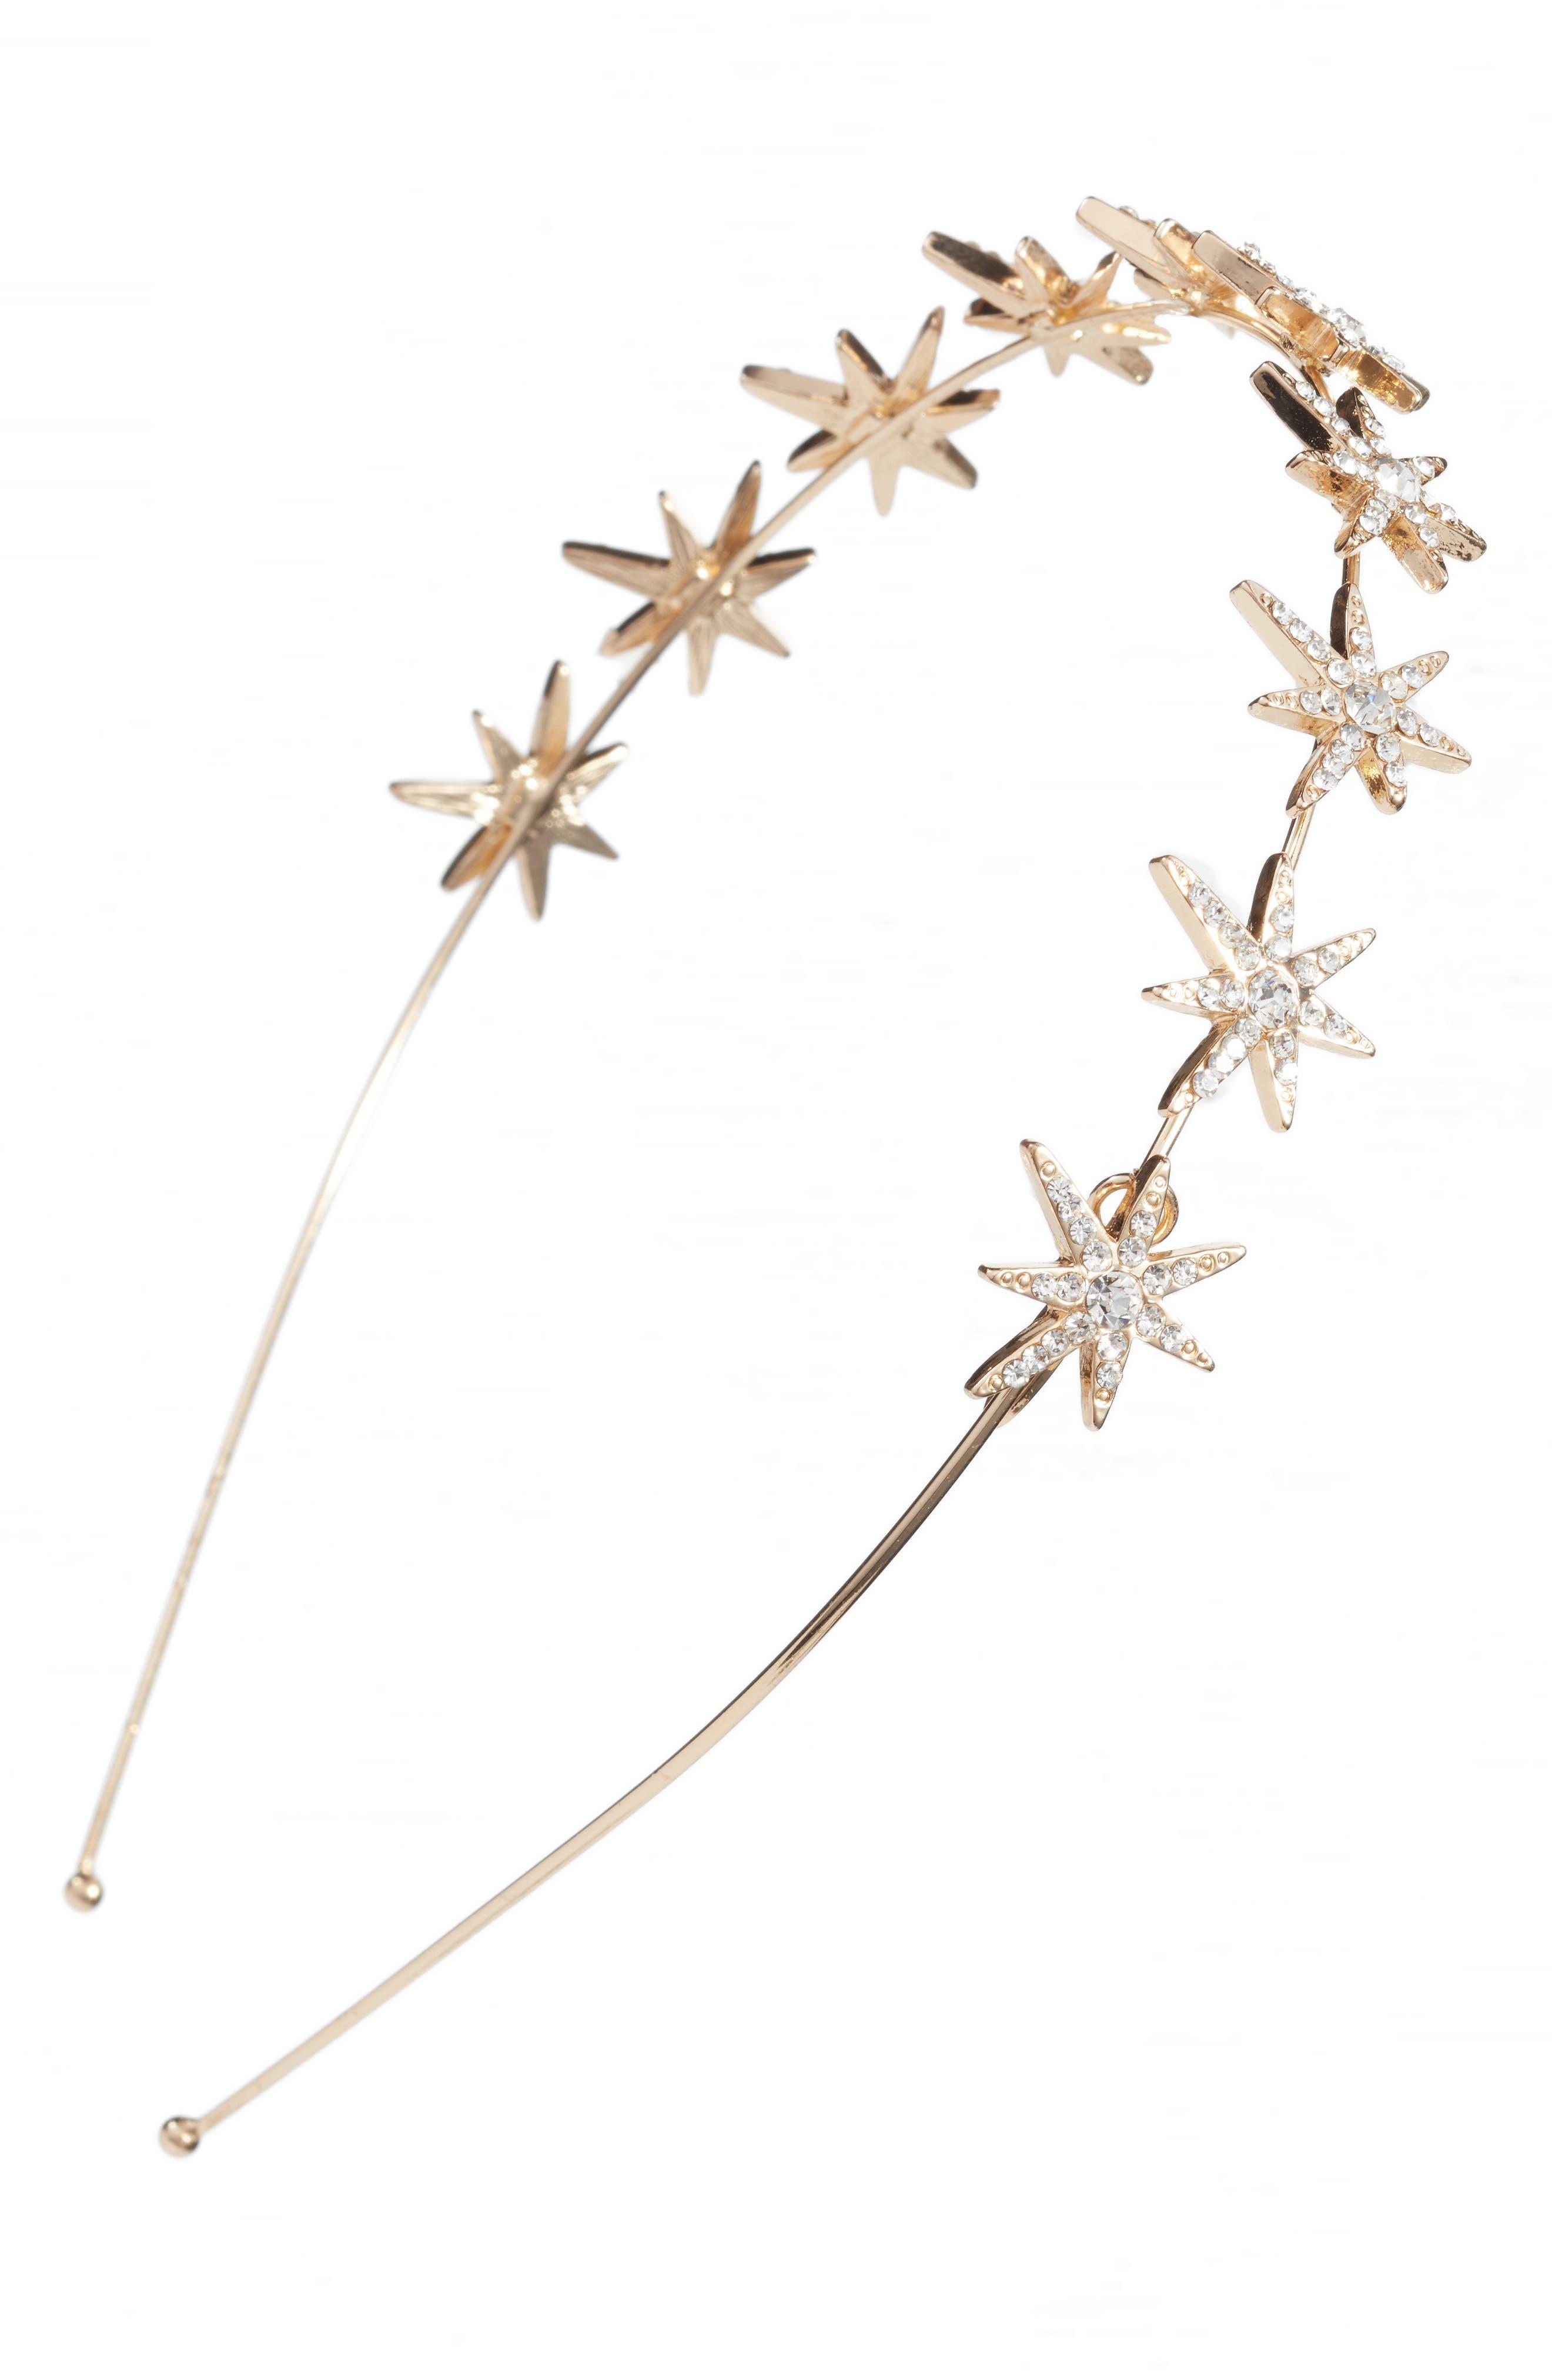 Tasha Star Crystal Headband